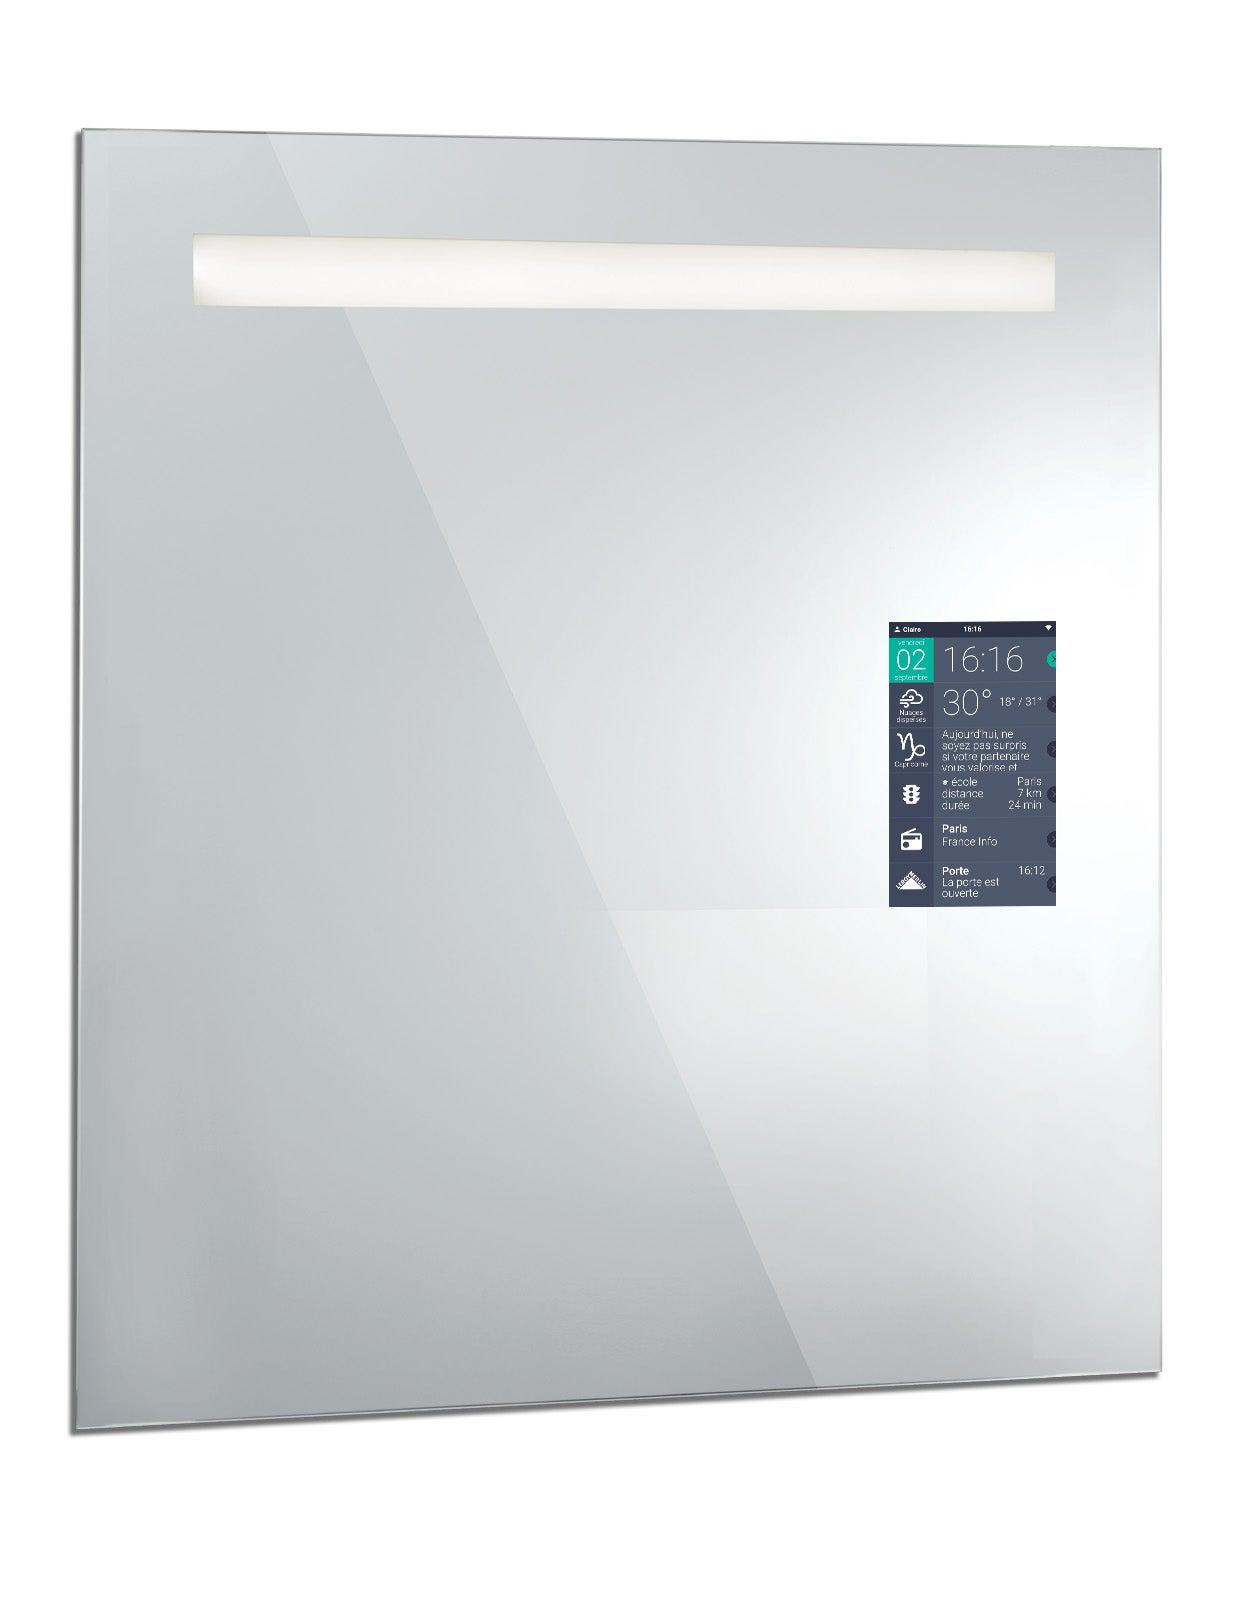 Miroir lumineux avec éclairage intégré, l.16 x H.16 cm Miralite connect